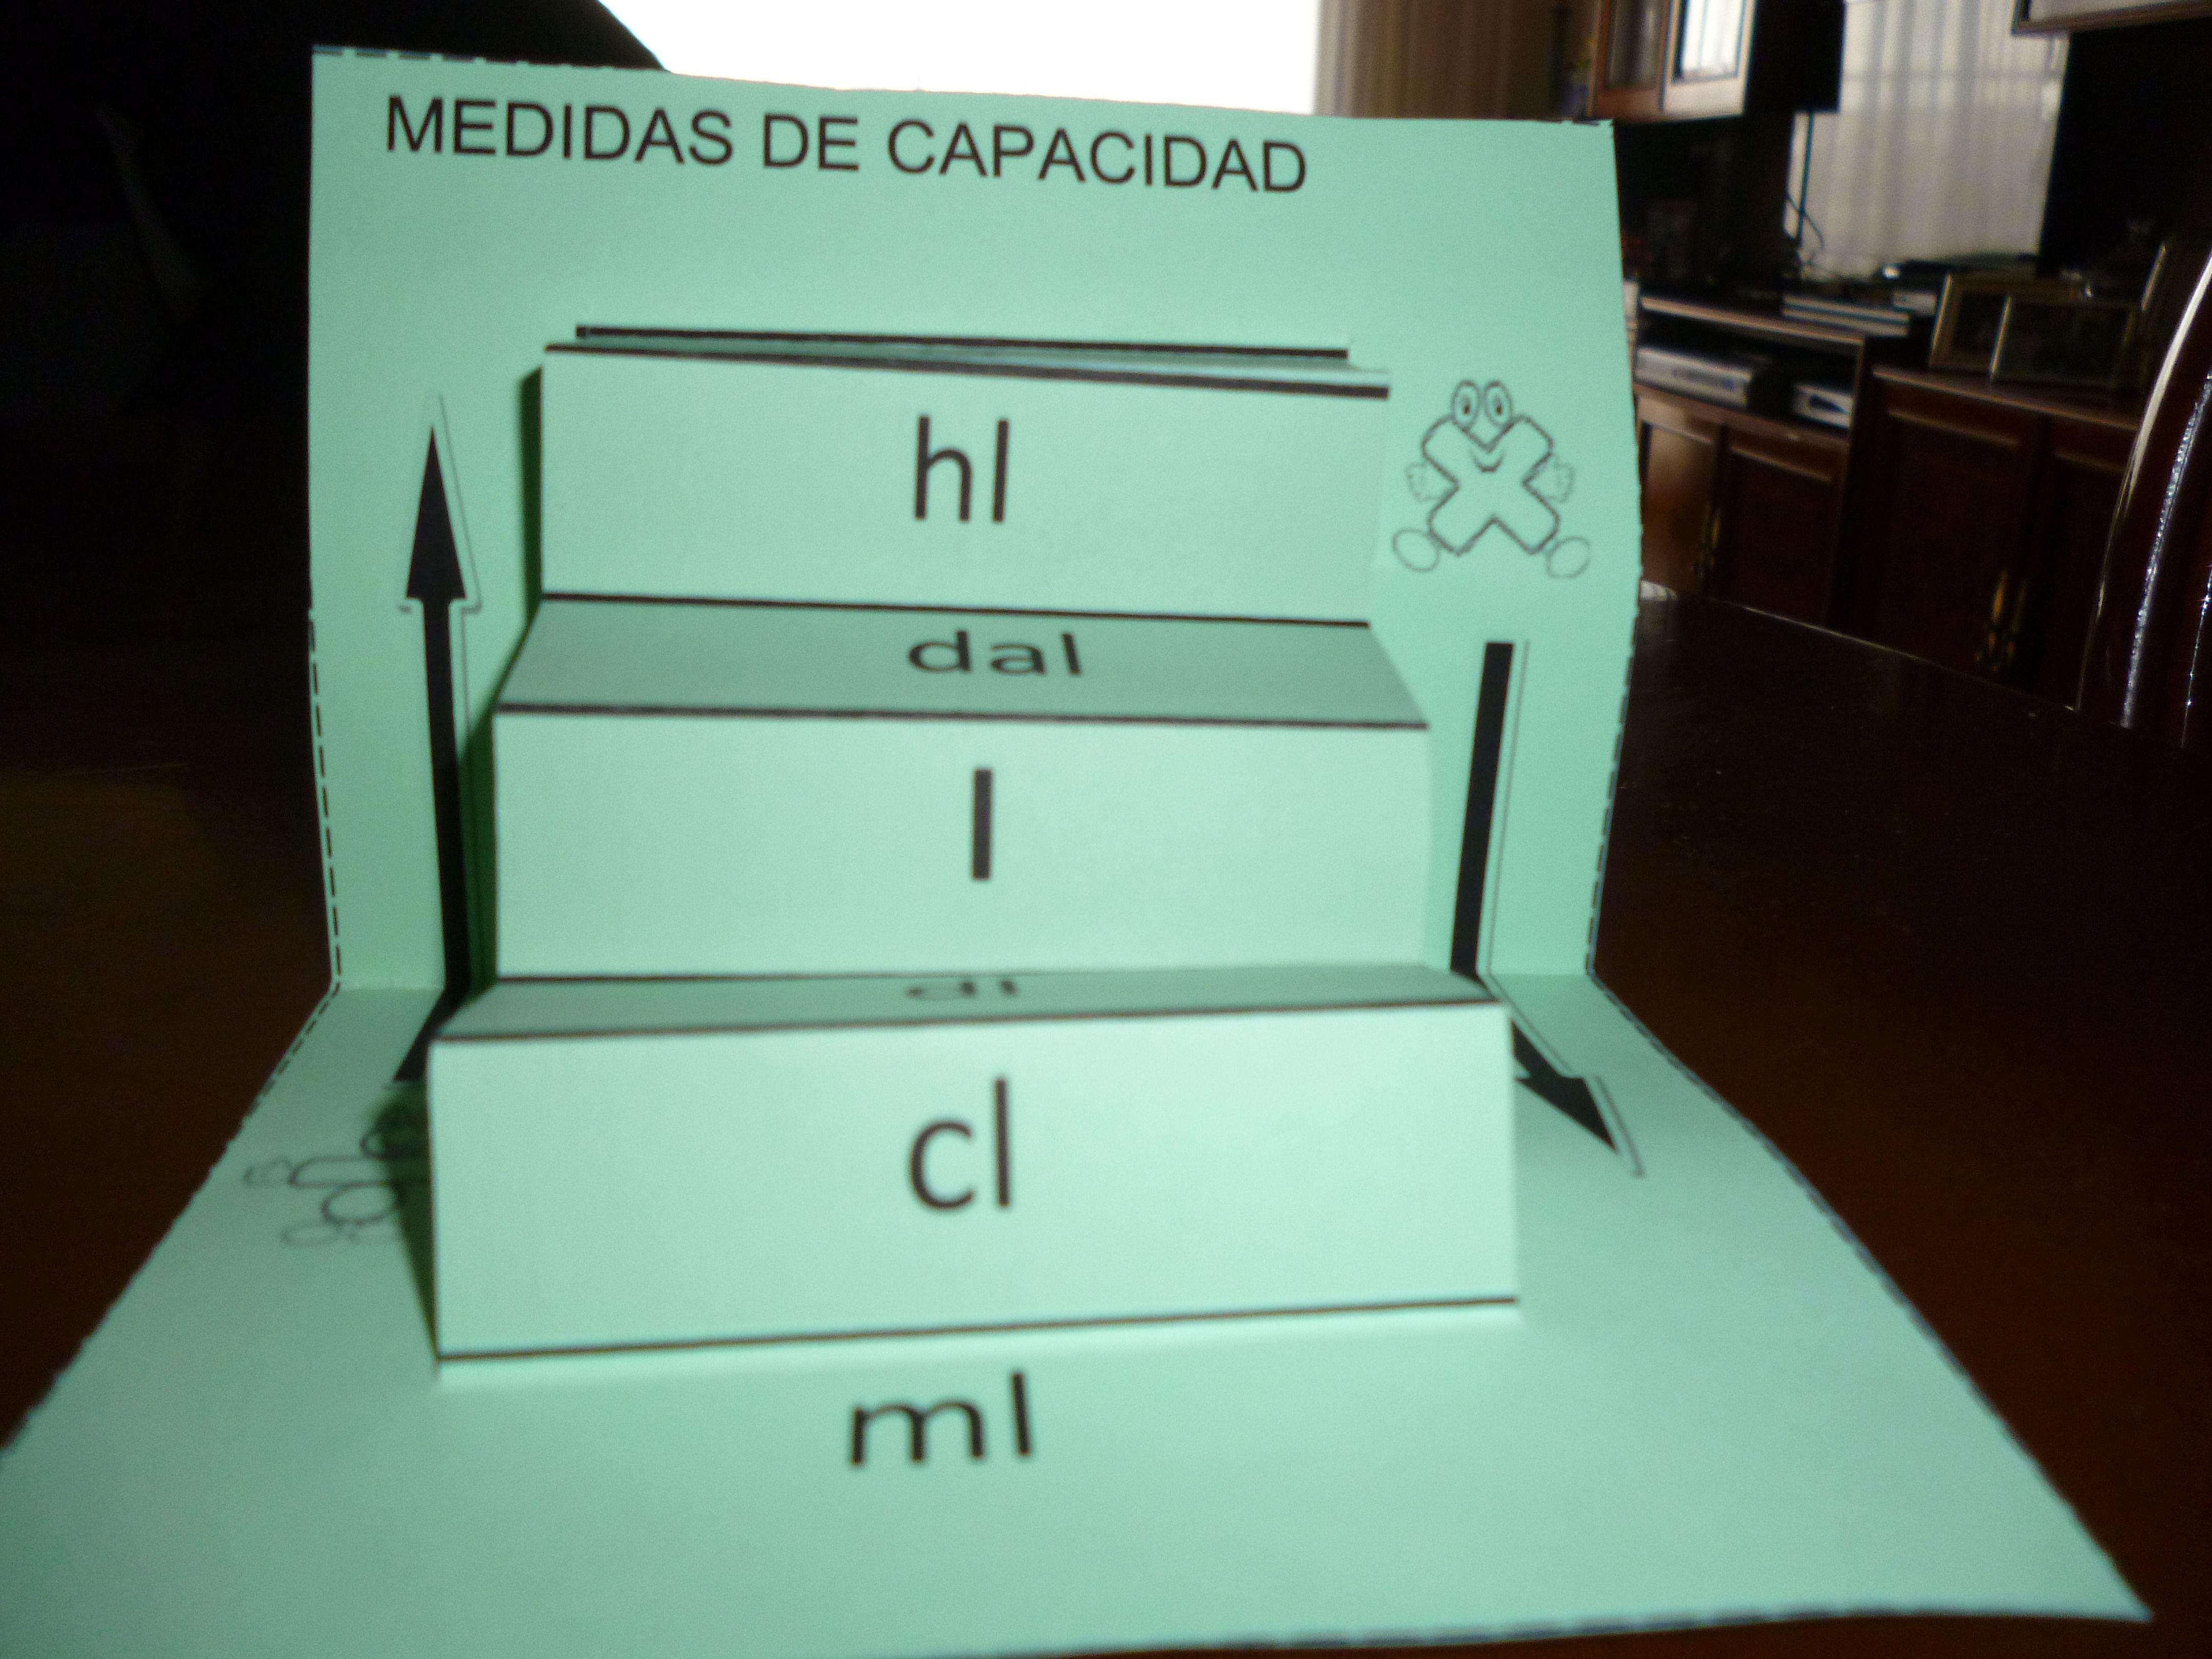 Escalera medidas de capacidad matem ticas magnitudes for Escalera de medidas